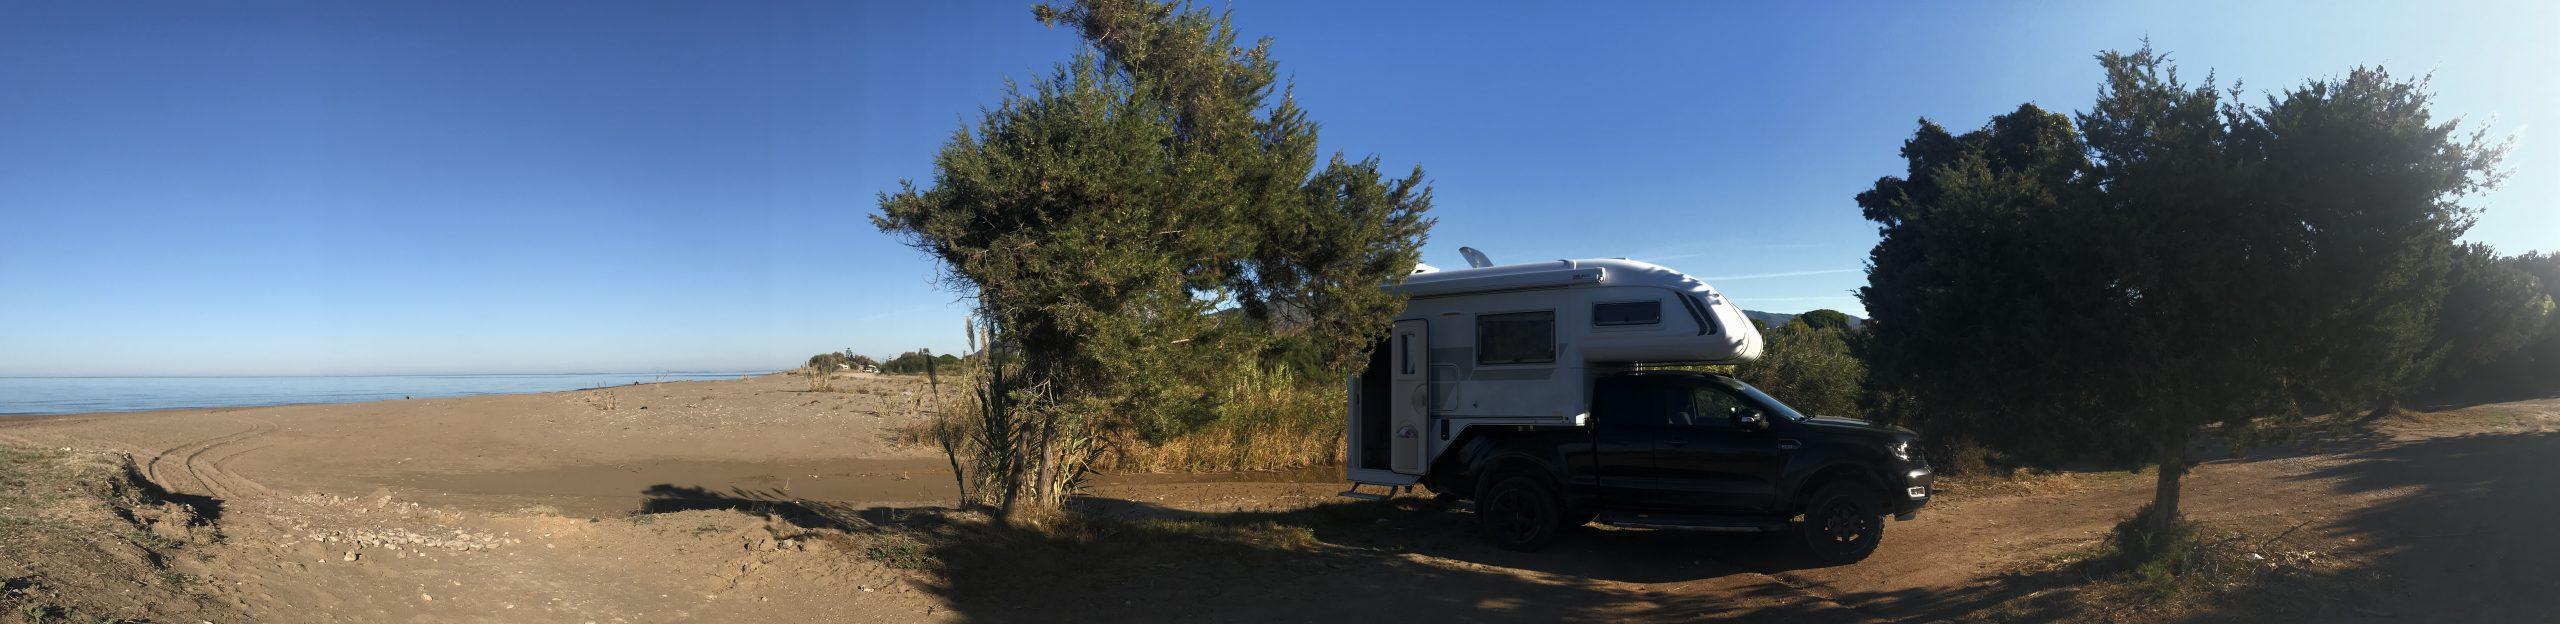 Unterwegs mit Pickup und Wohnkabine